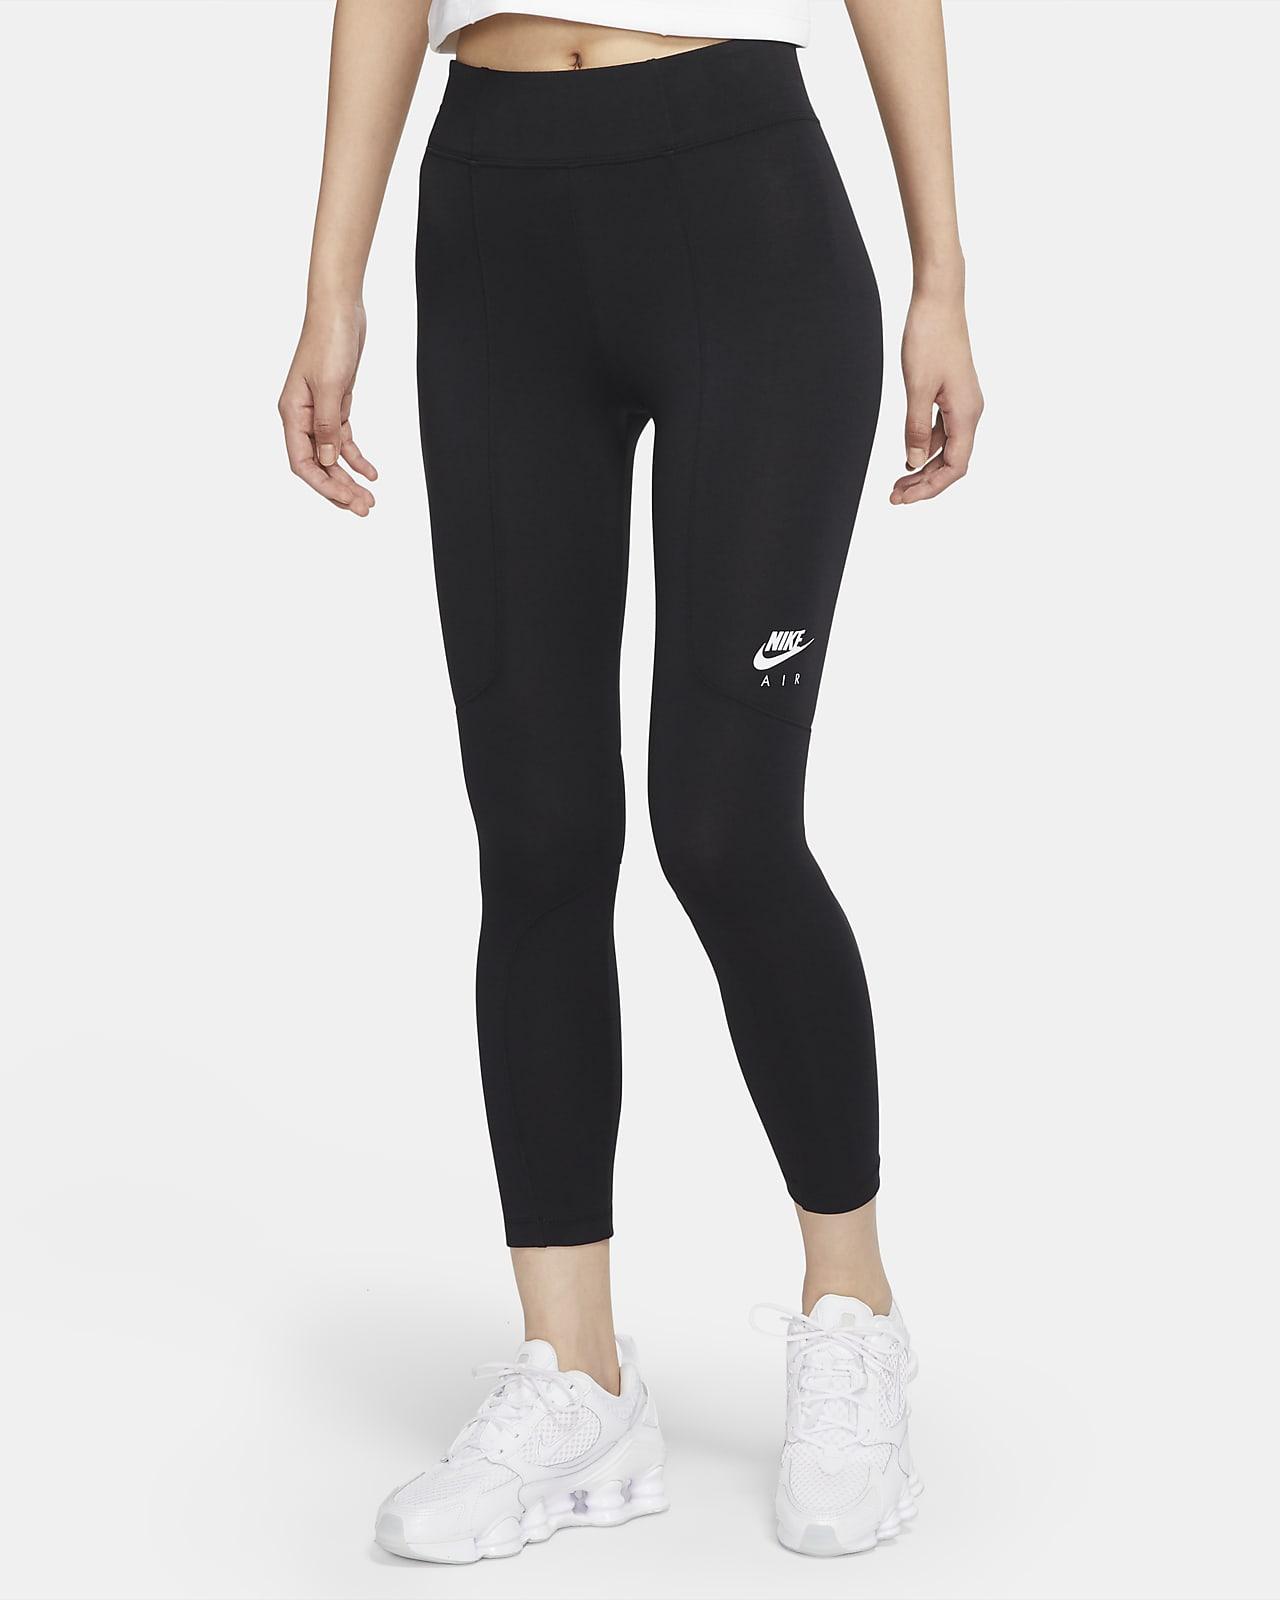 เลกกิ้งผู้หญิง 7/8 ส่วน Nike Air